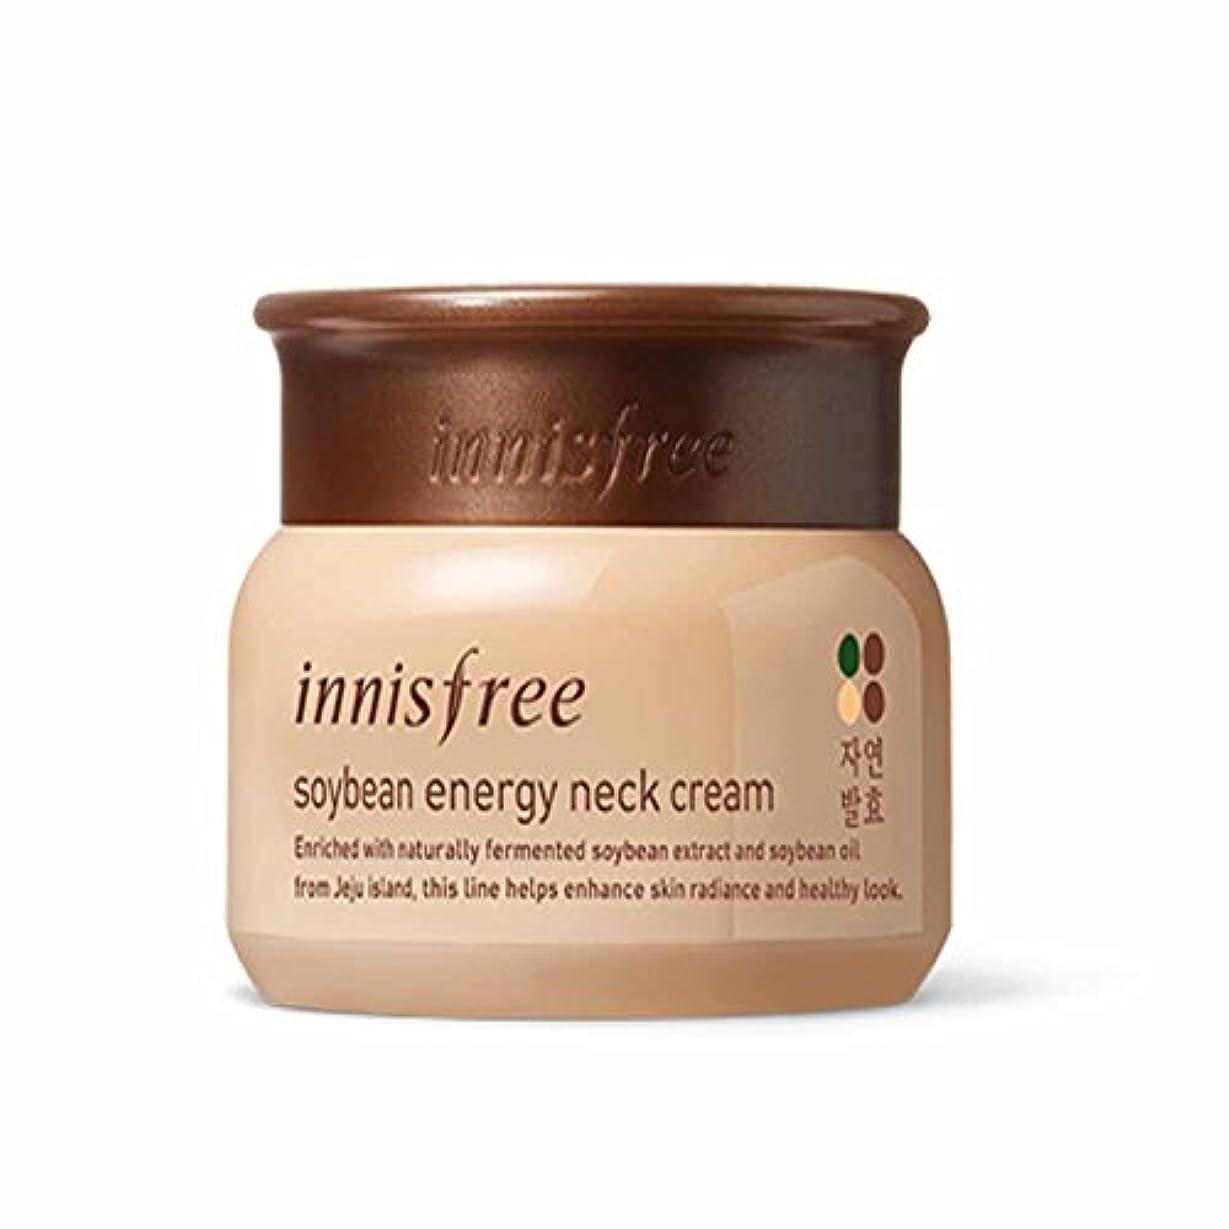 再現する貸し手ジェスチャーイニスフリーソーイングエナジーネッククリーム80ml / Innisfree Soybean Energy Neck Cream 80ml[海外直送品] [並行輸入品]